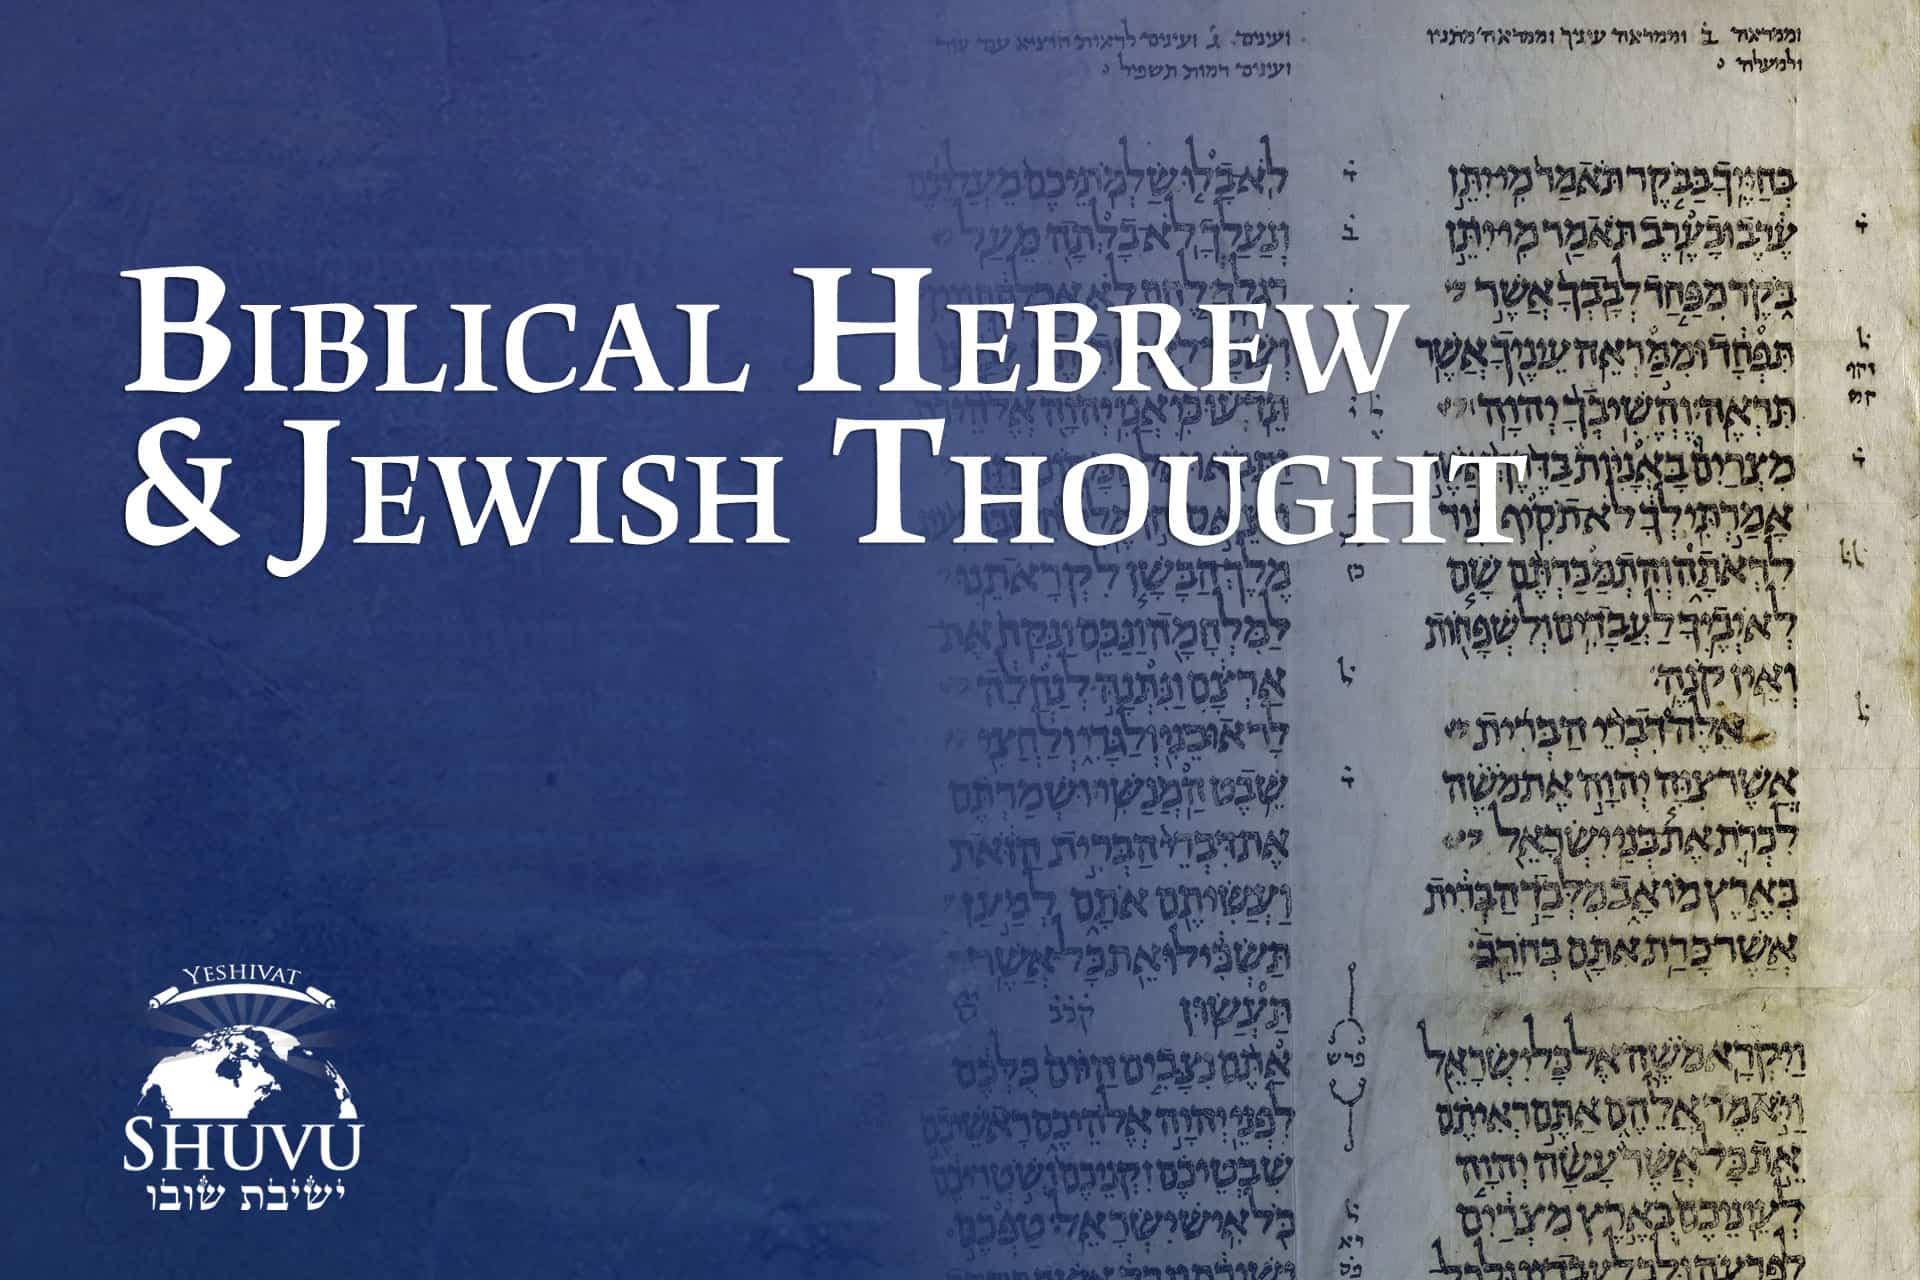 cover_yeshivat_shuvu_biblical_hebrew_ENG